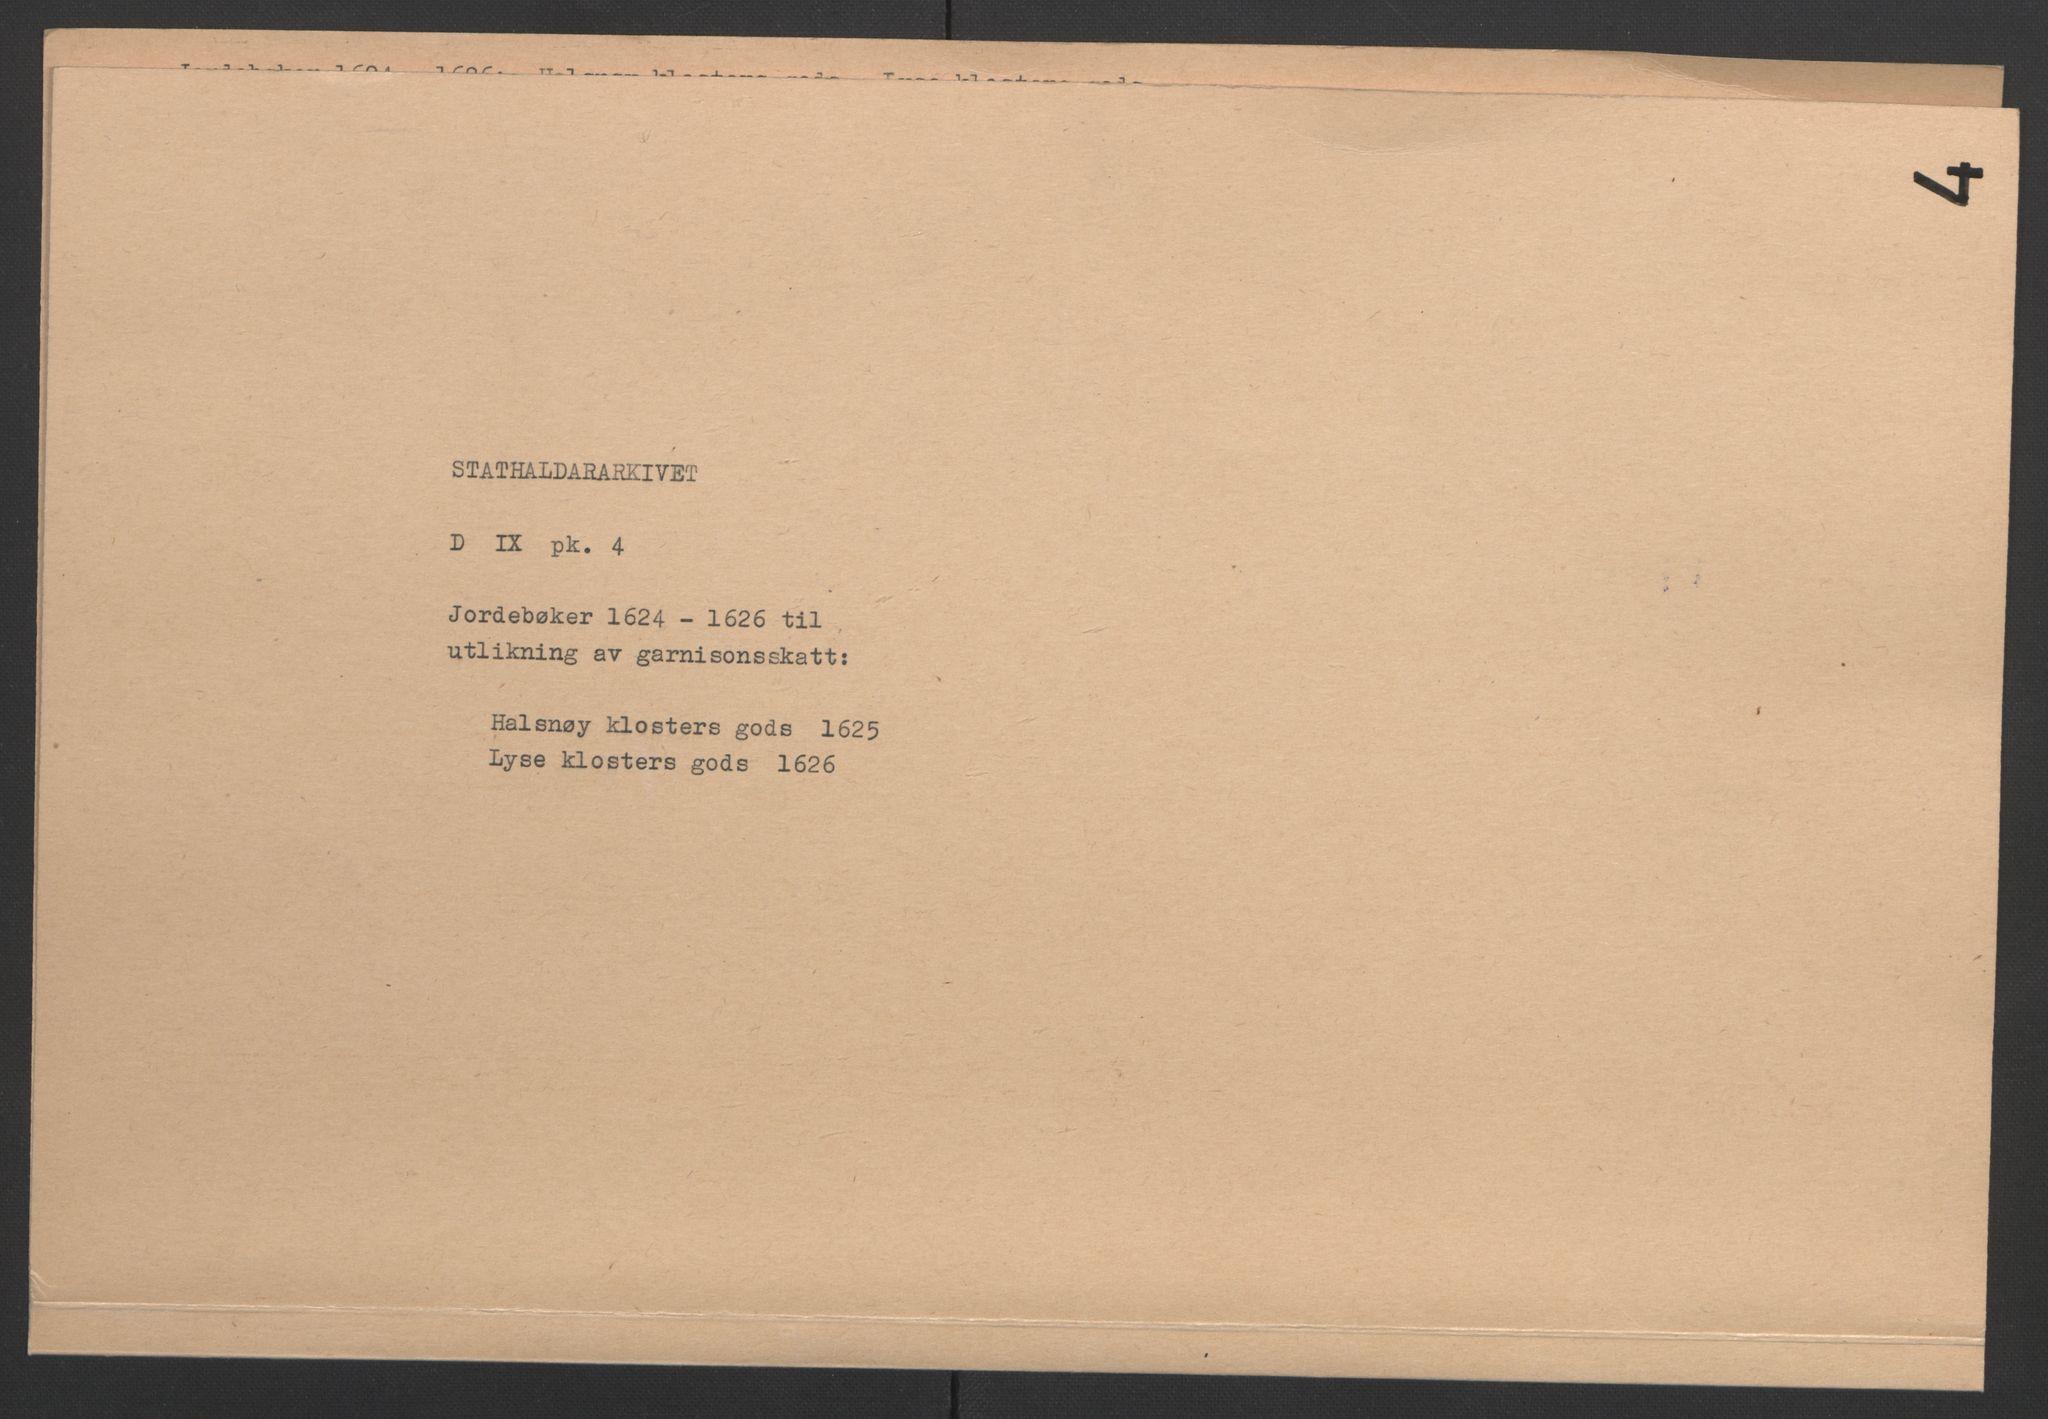 RA, Stattholderembetet 1572-1771, Ek/L0004: Jordebøker til utlikning av garnisonsskatt 1624-1626:, 1626, s. 66